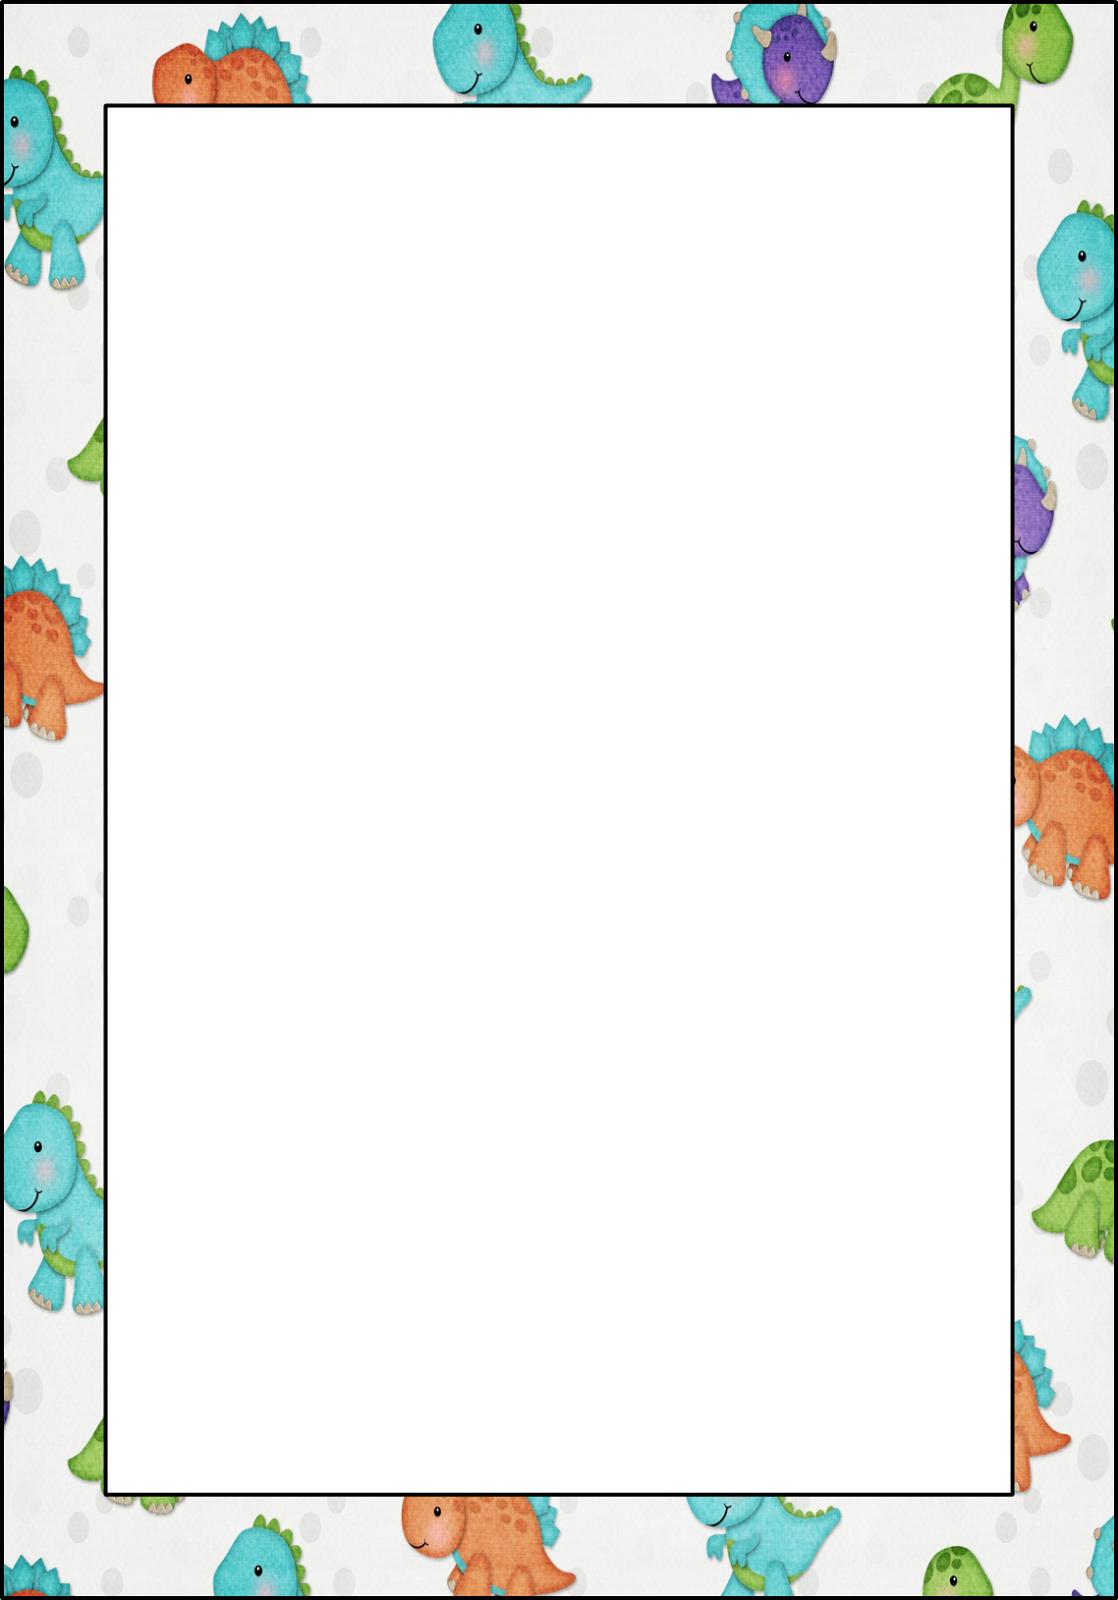 imagens coloridas de material escolar para inserir em slides